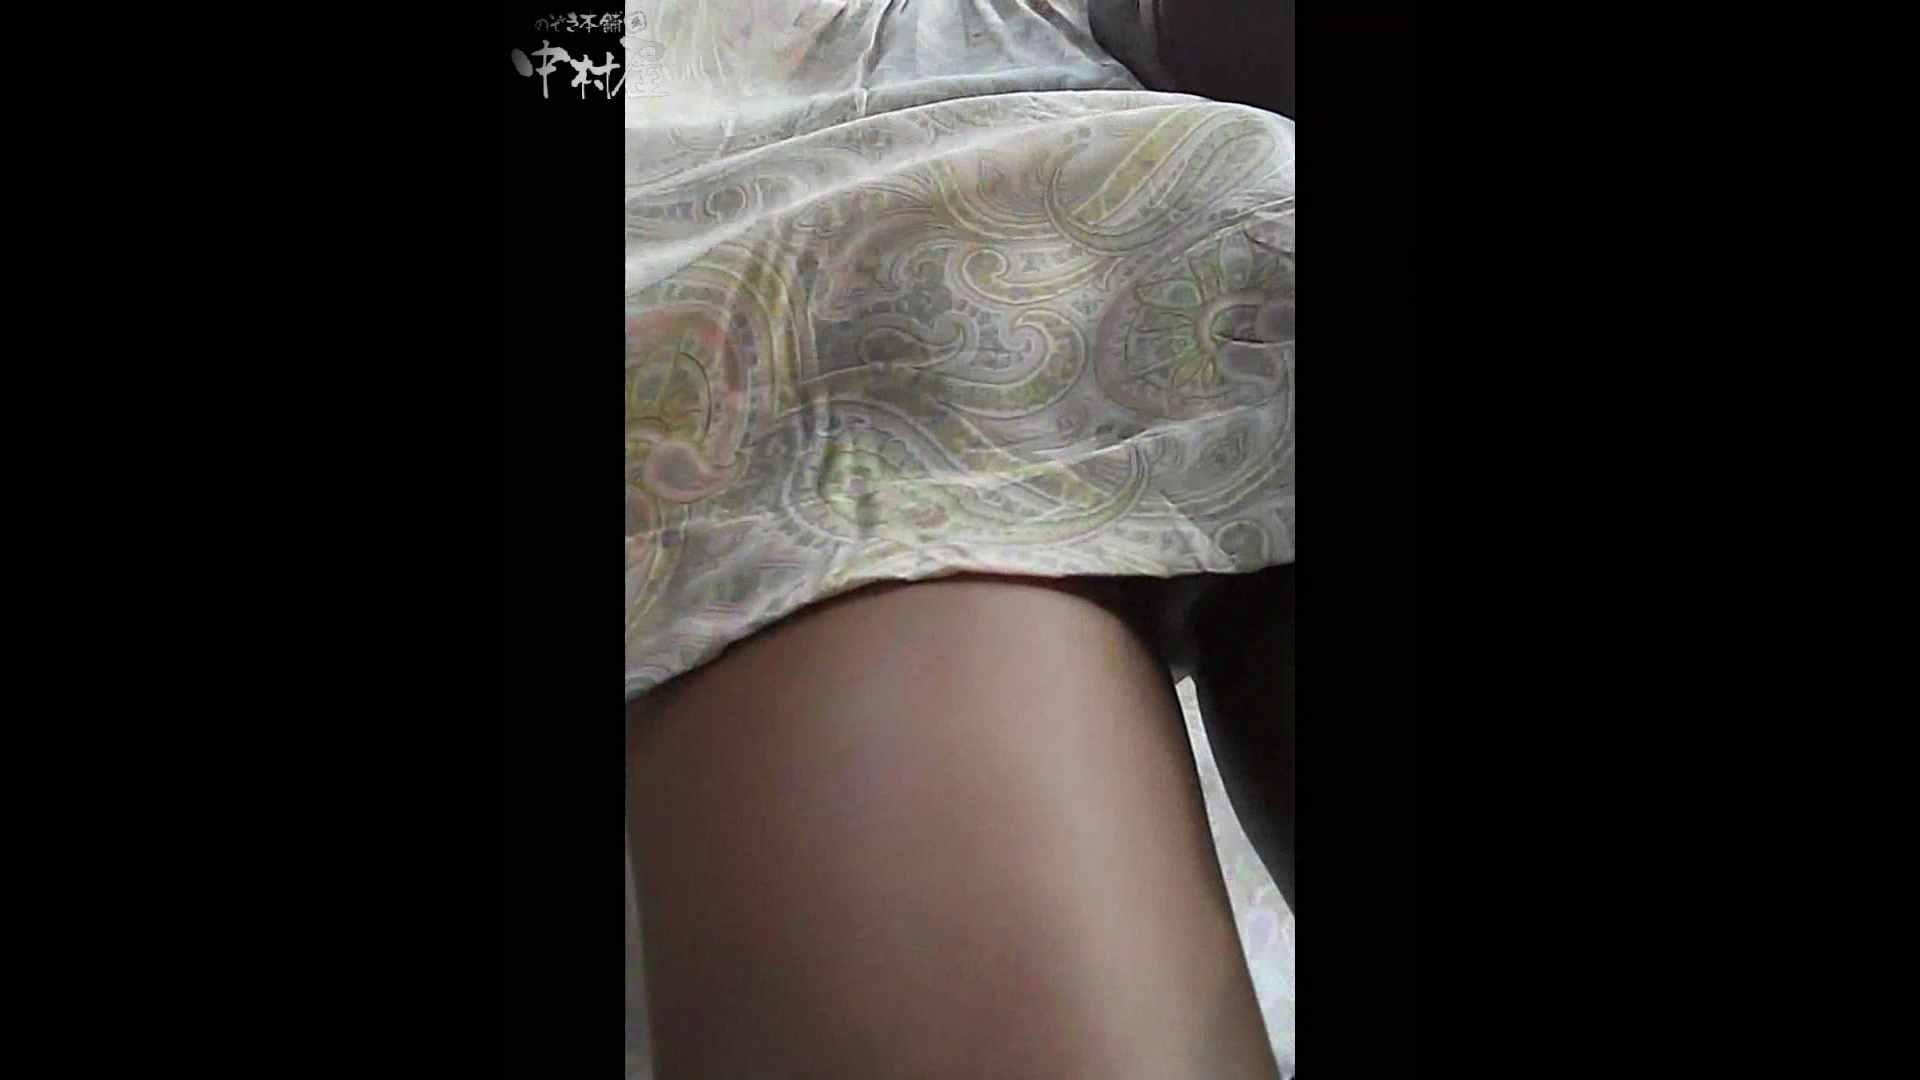 綺麗なモデルさんのスカート捲っちゃおう‼ vol11 お姉さんヌード  94画像 26